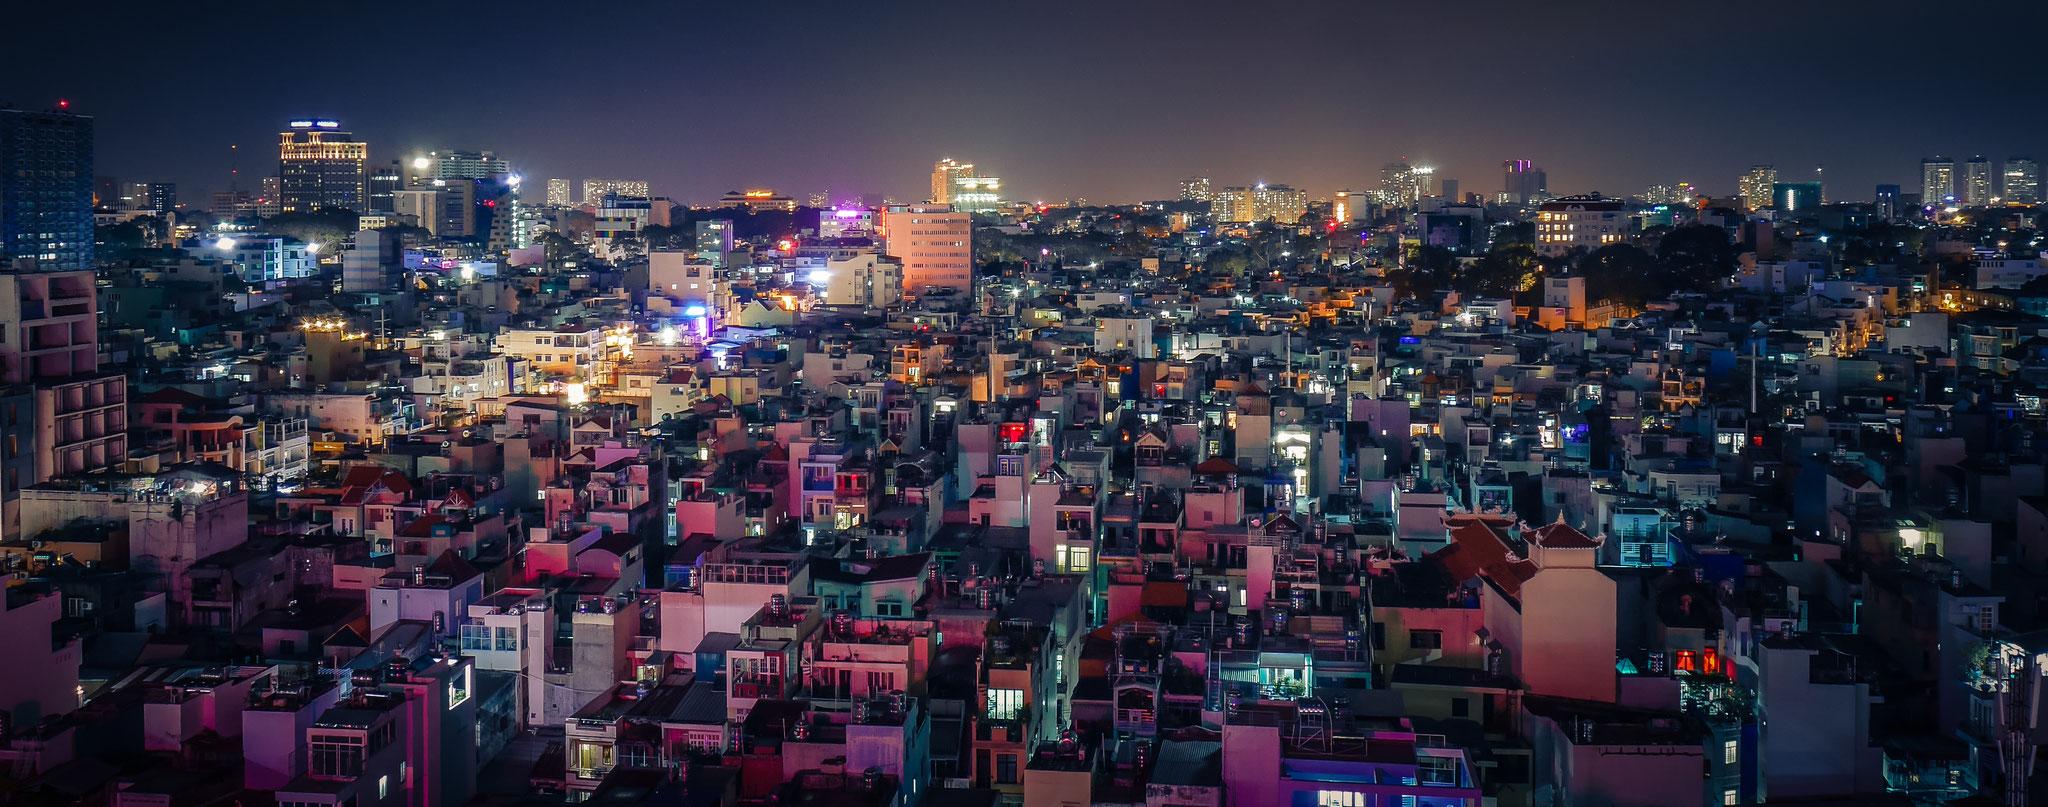 Ho-Chi-Minh-Stadt (Saigon) - von unserem Hotel (Le Duy Grand Hotel) aus fotografiert